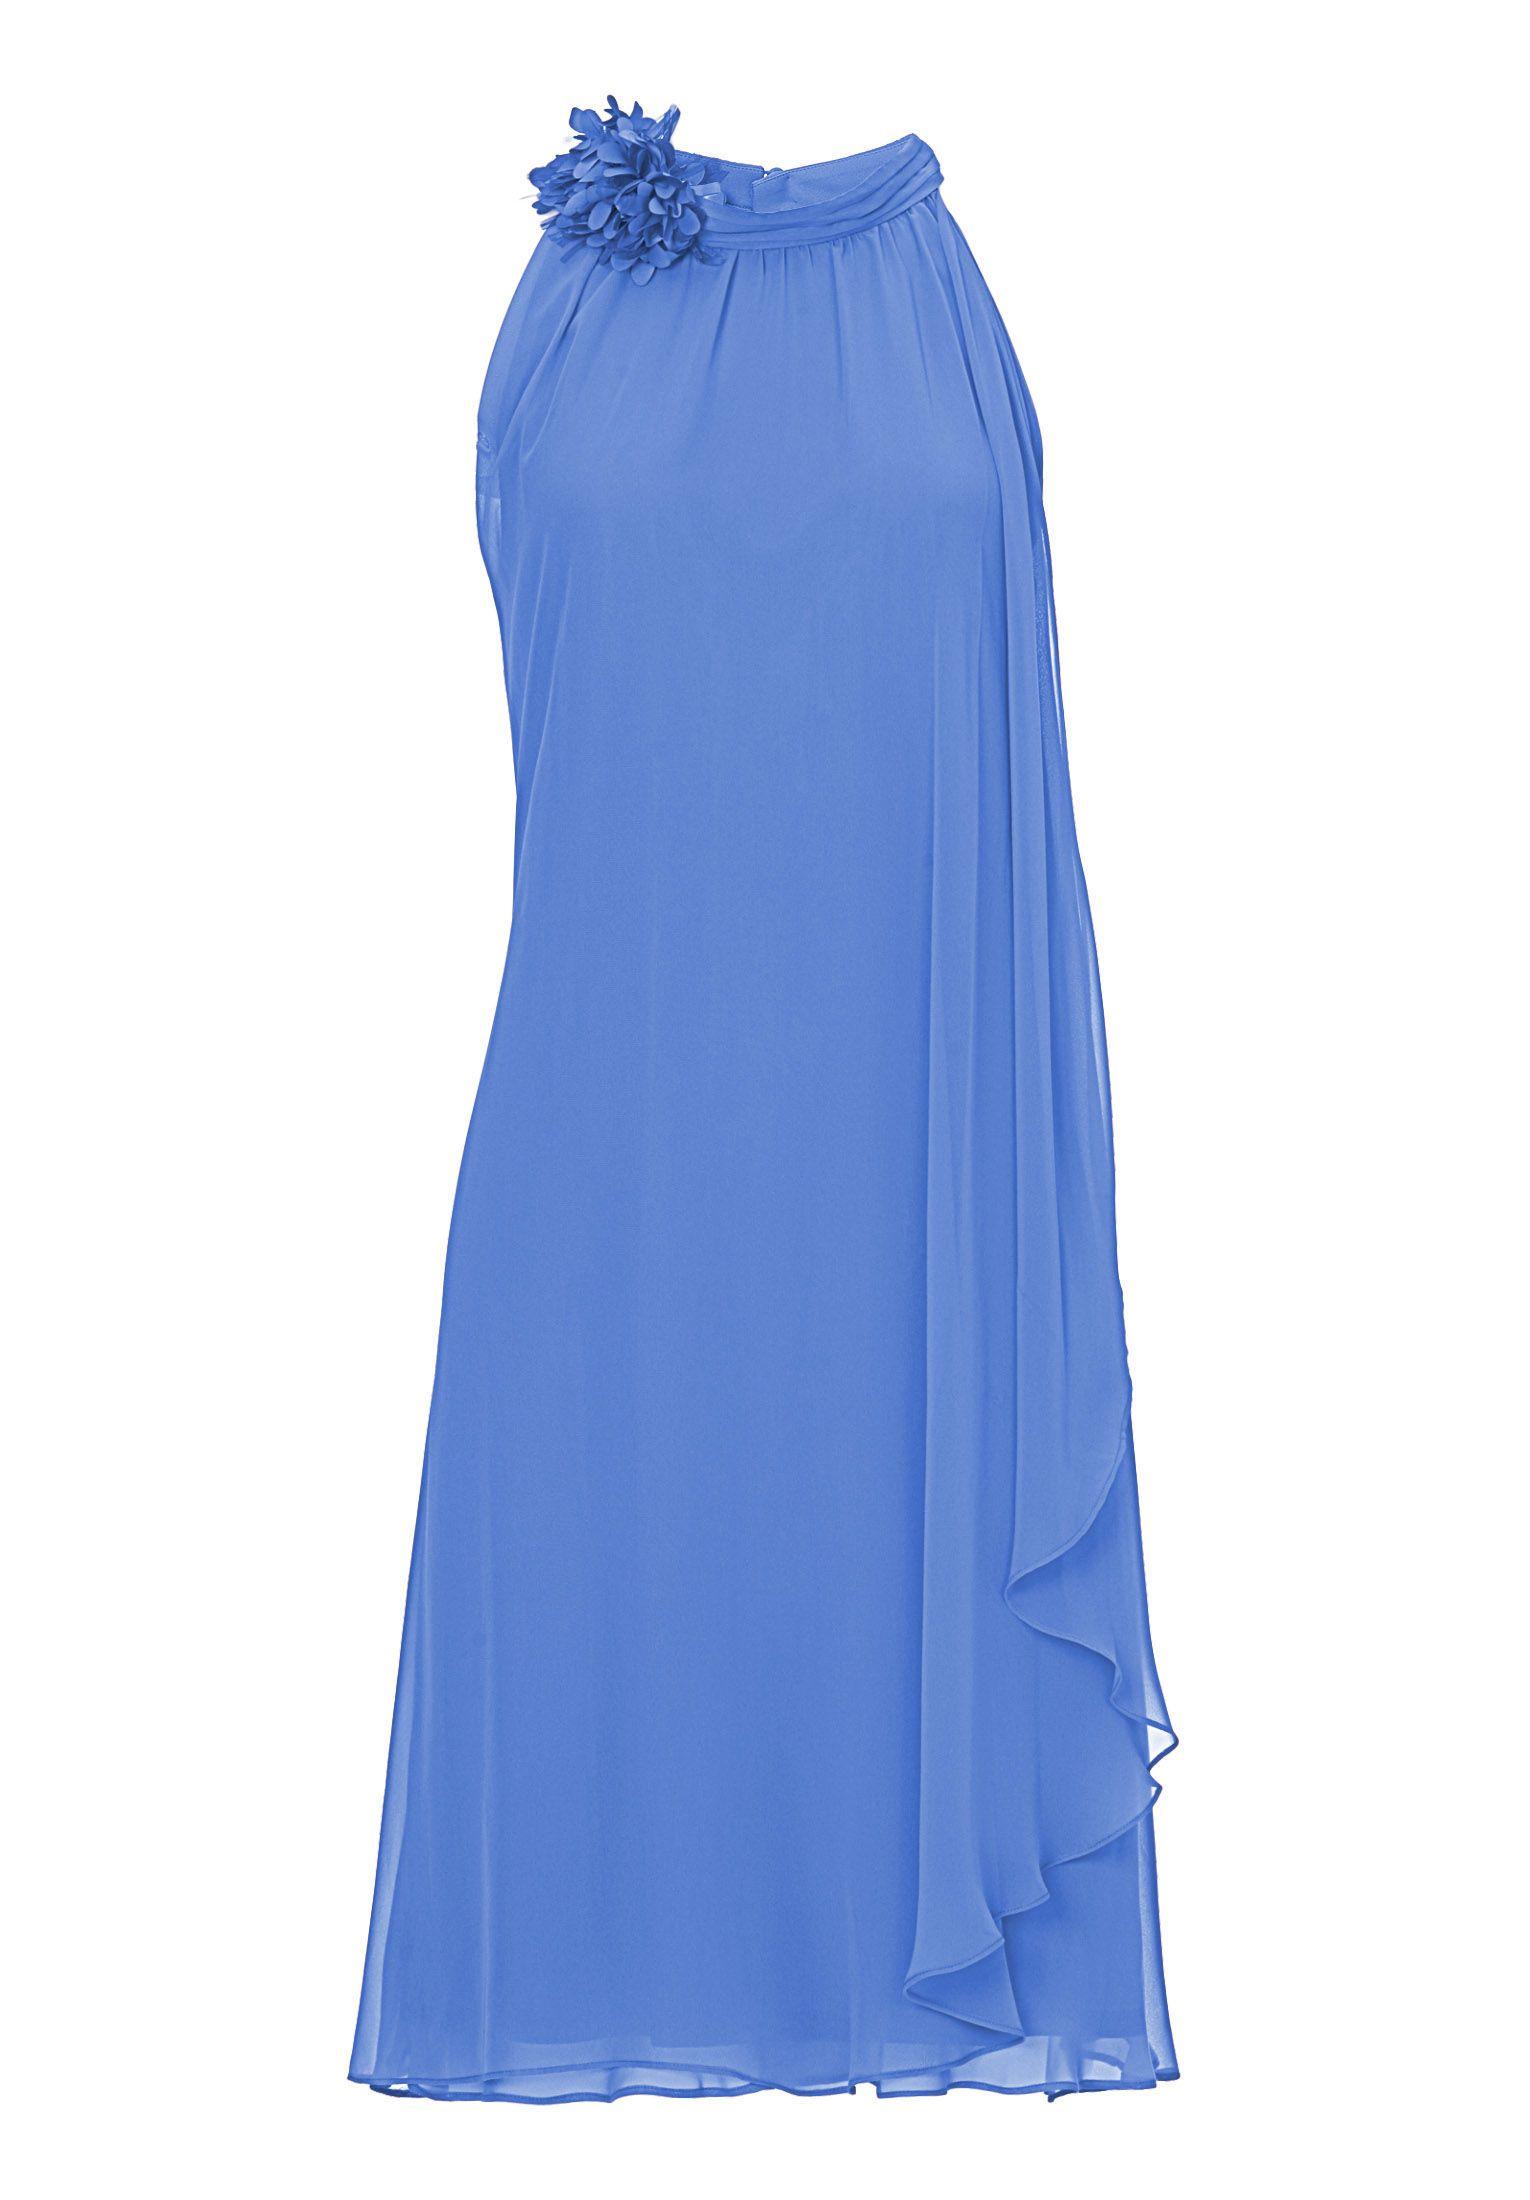 Vera Mont Cocktailkleid in Blau | Manu\'s style | Pinterest | Vera ...